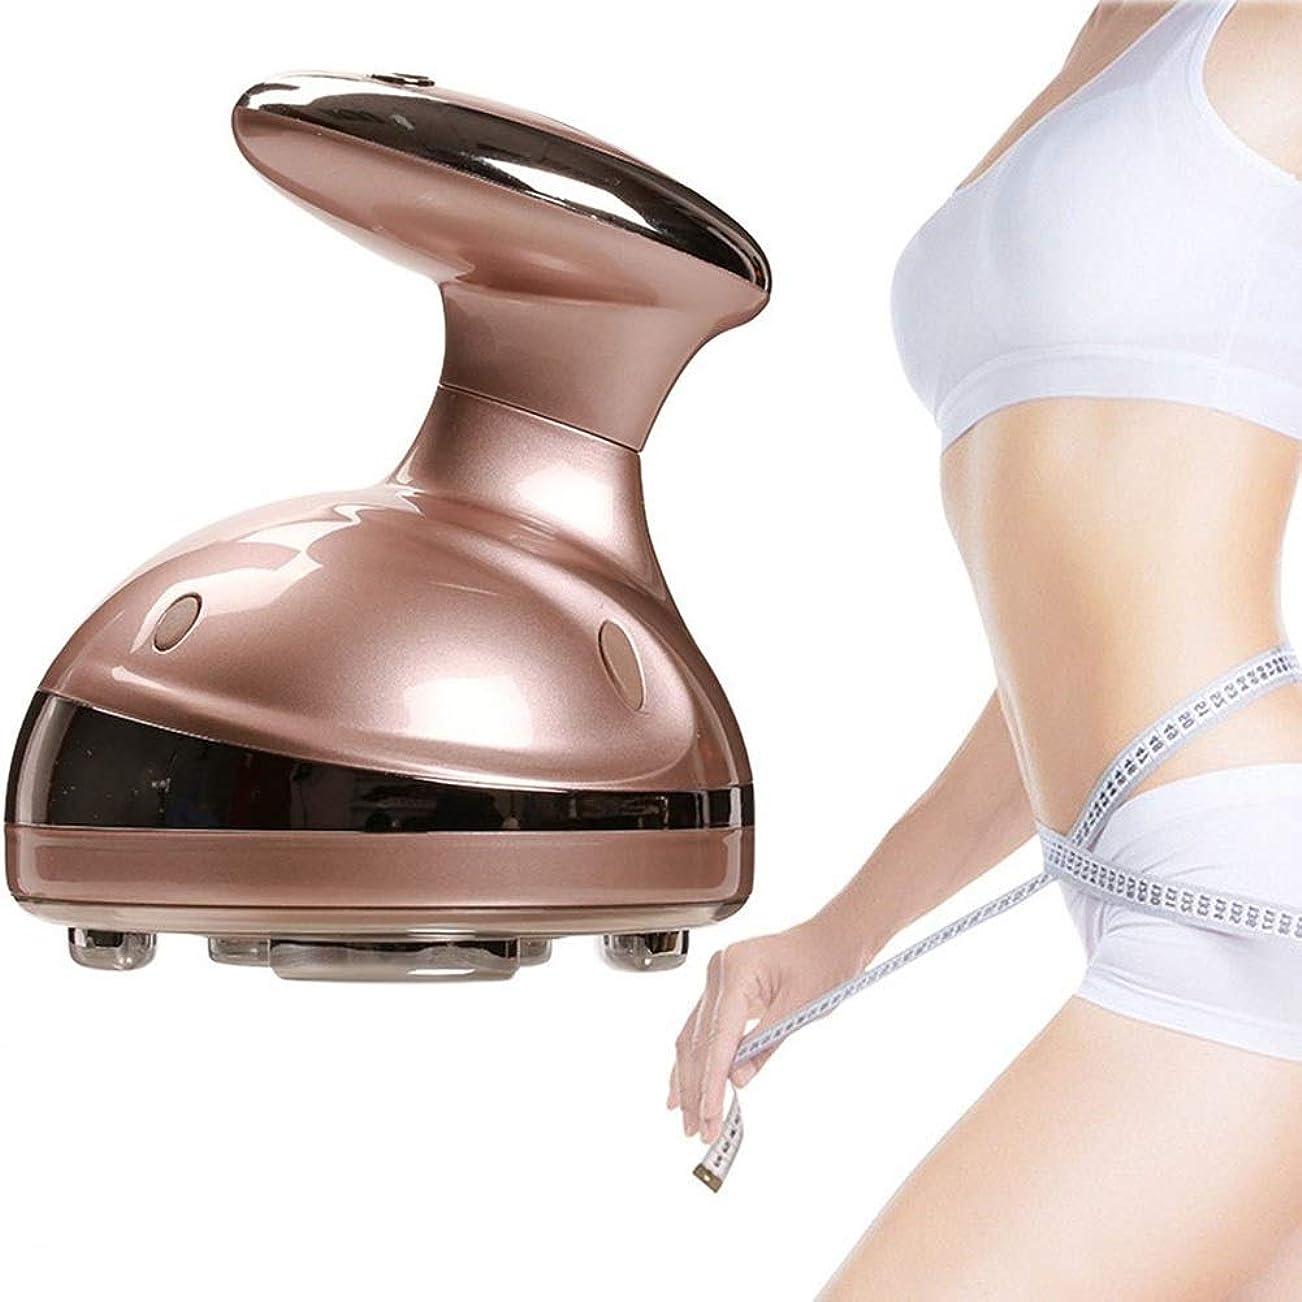 端末うっかり退化する超音波脂肪除去機、RF脂肪燃焼振動整形美容器具脂肪除去体重減少デバイス、LEDフォトンアンチセルライト痩身ボディ美容院